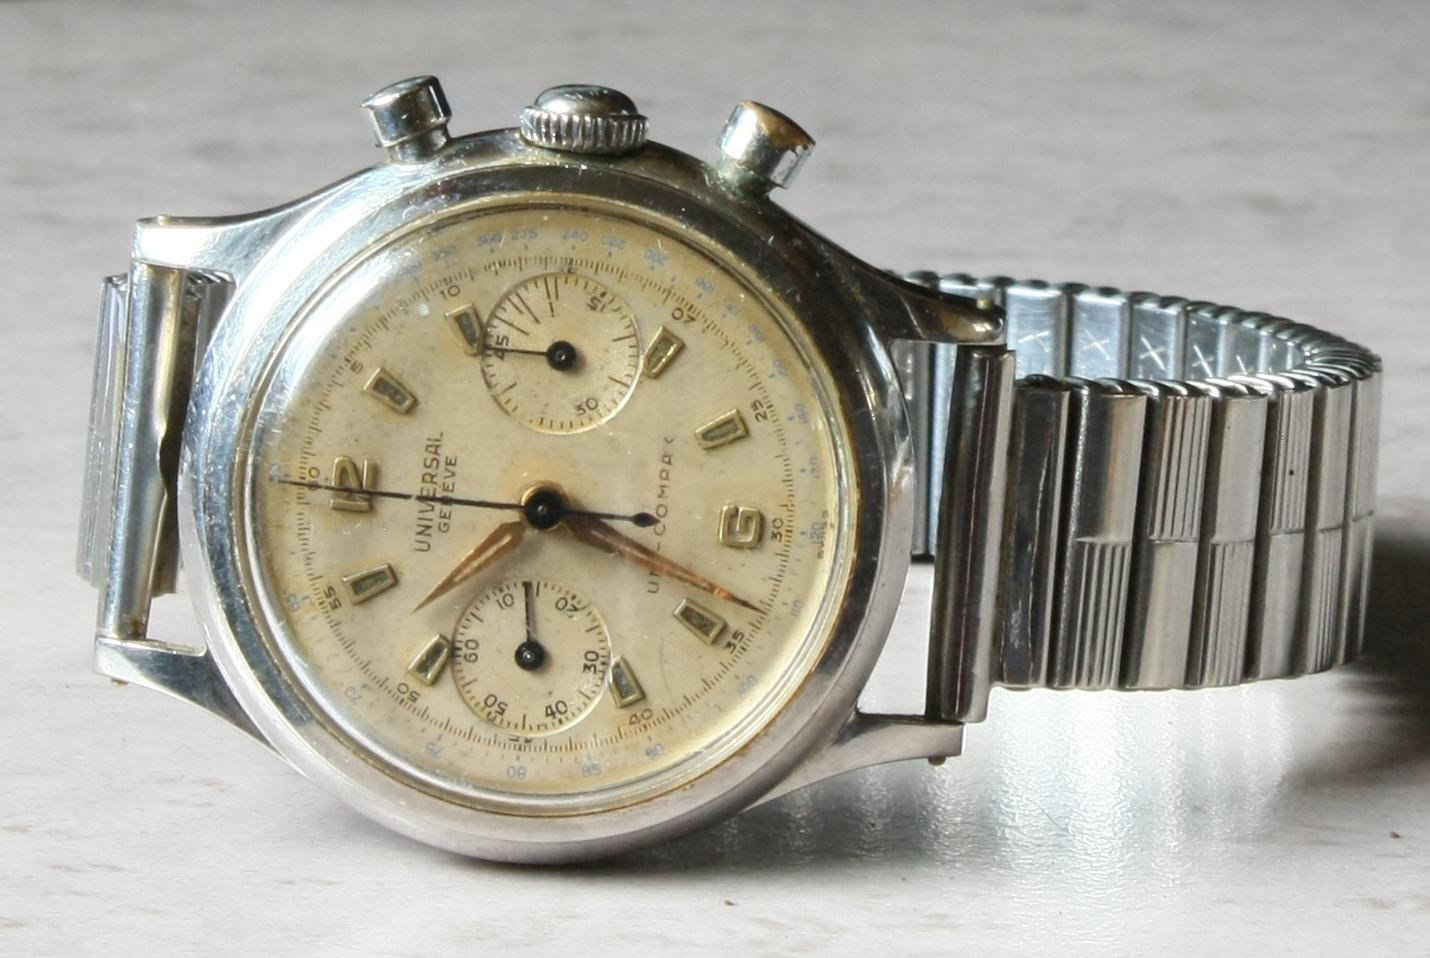 Eterna -  [Postez ICI les demandes d'IDENTIFICATION et RENSEIGNEMENTS de vos montres] - Page 28 Img_0412